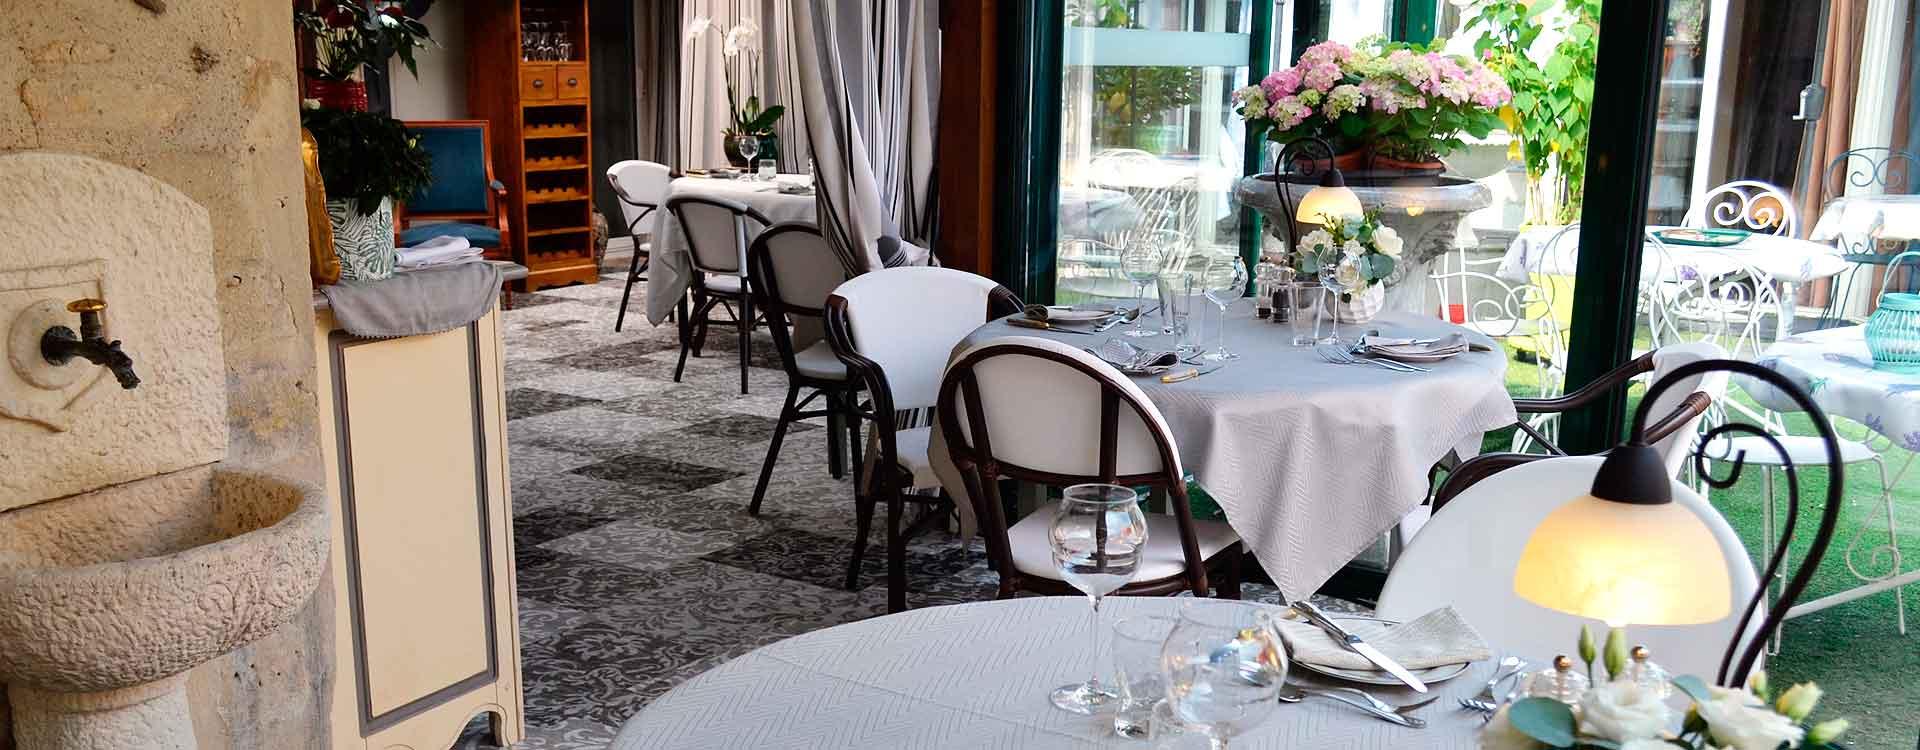 restaurant_laGrange-2